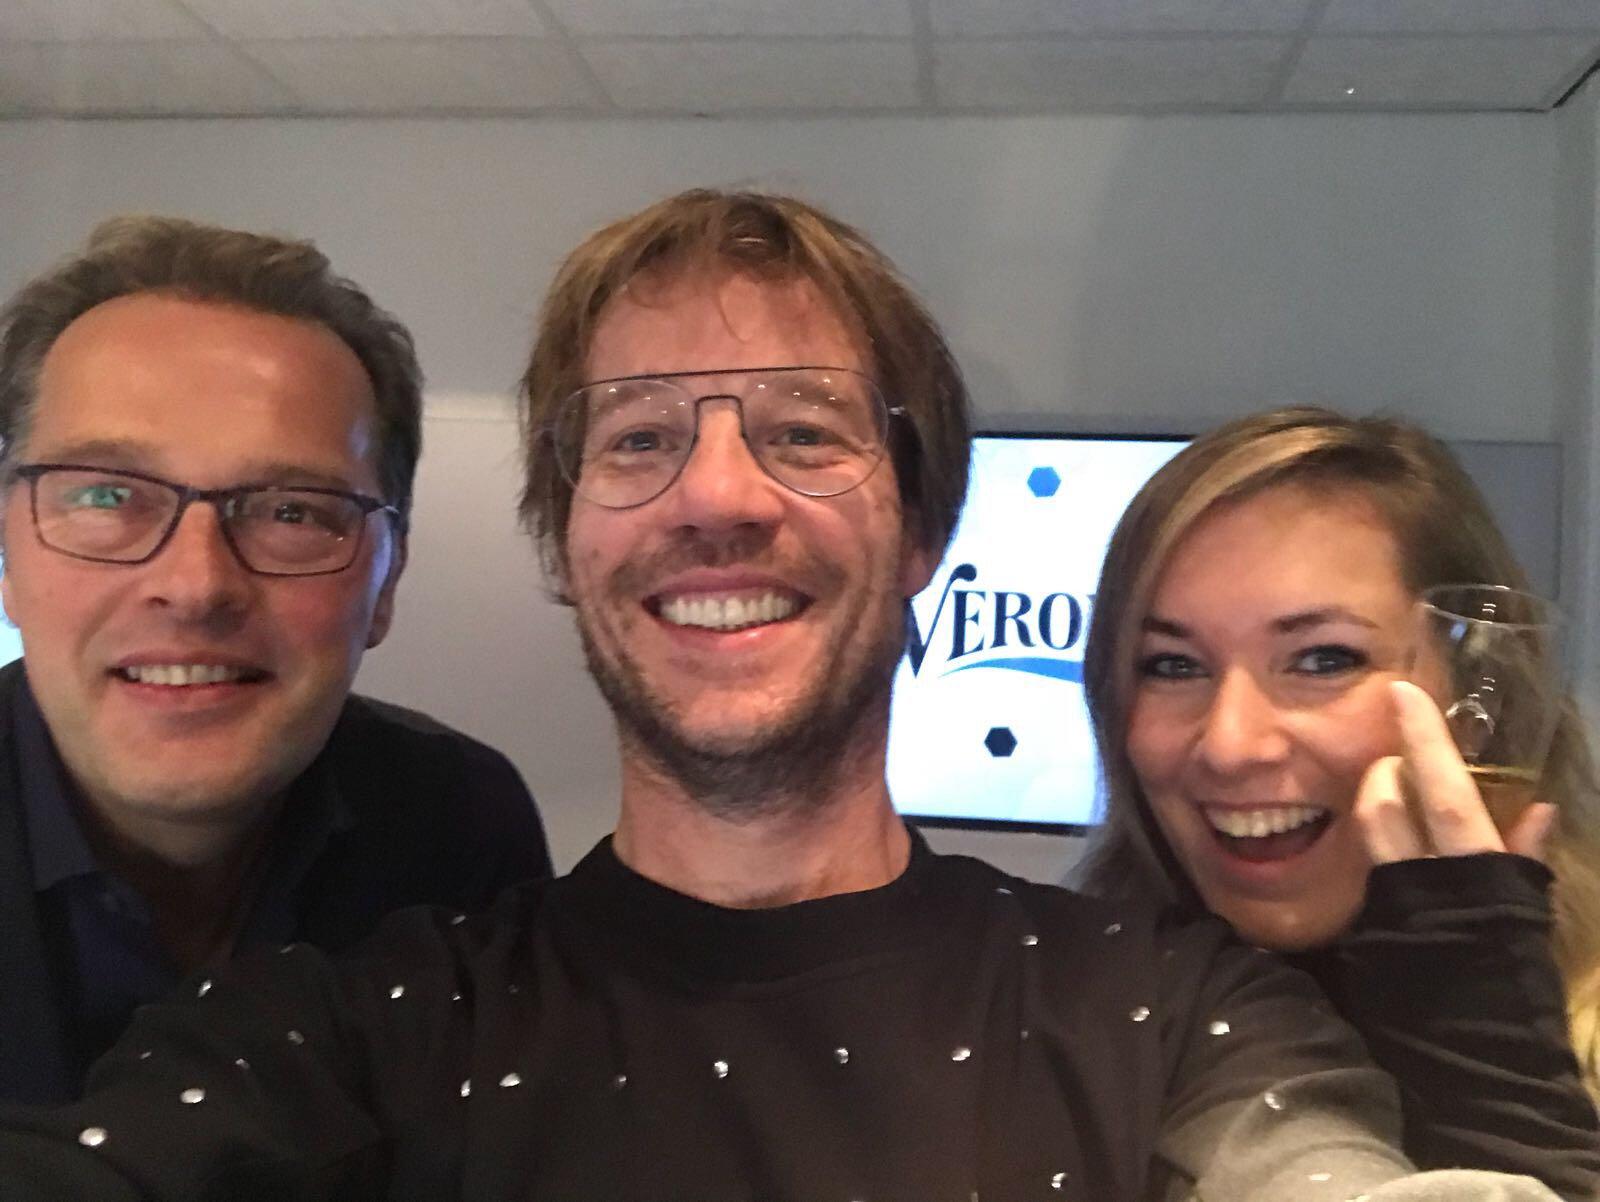 Giel Beelen On Twitter Het Nieuwe Radioveronica Ochtendshow Team Is Los Met Vandaag Al Meteen Kensingtonband Te Gast Wie Is Erbij